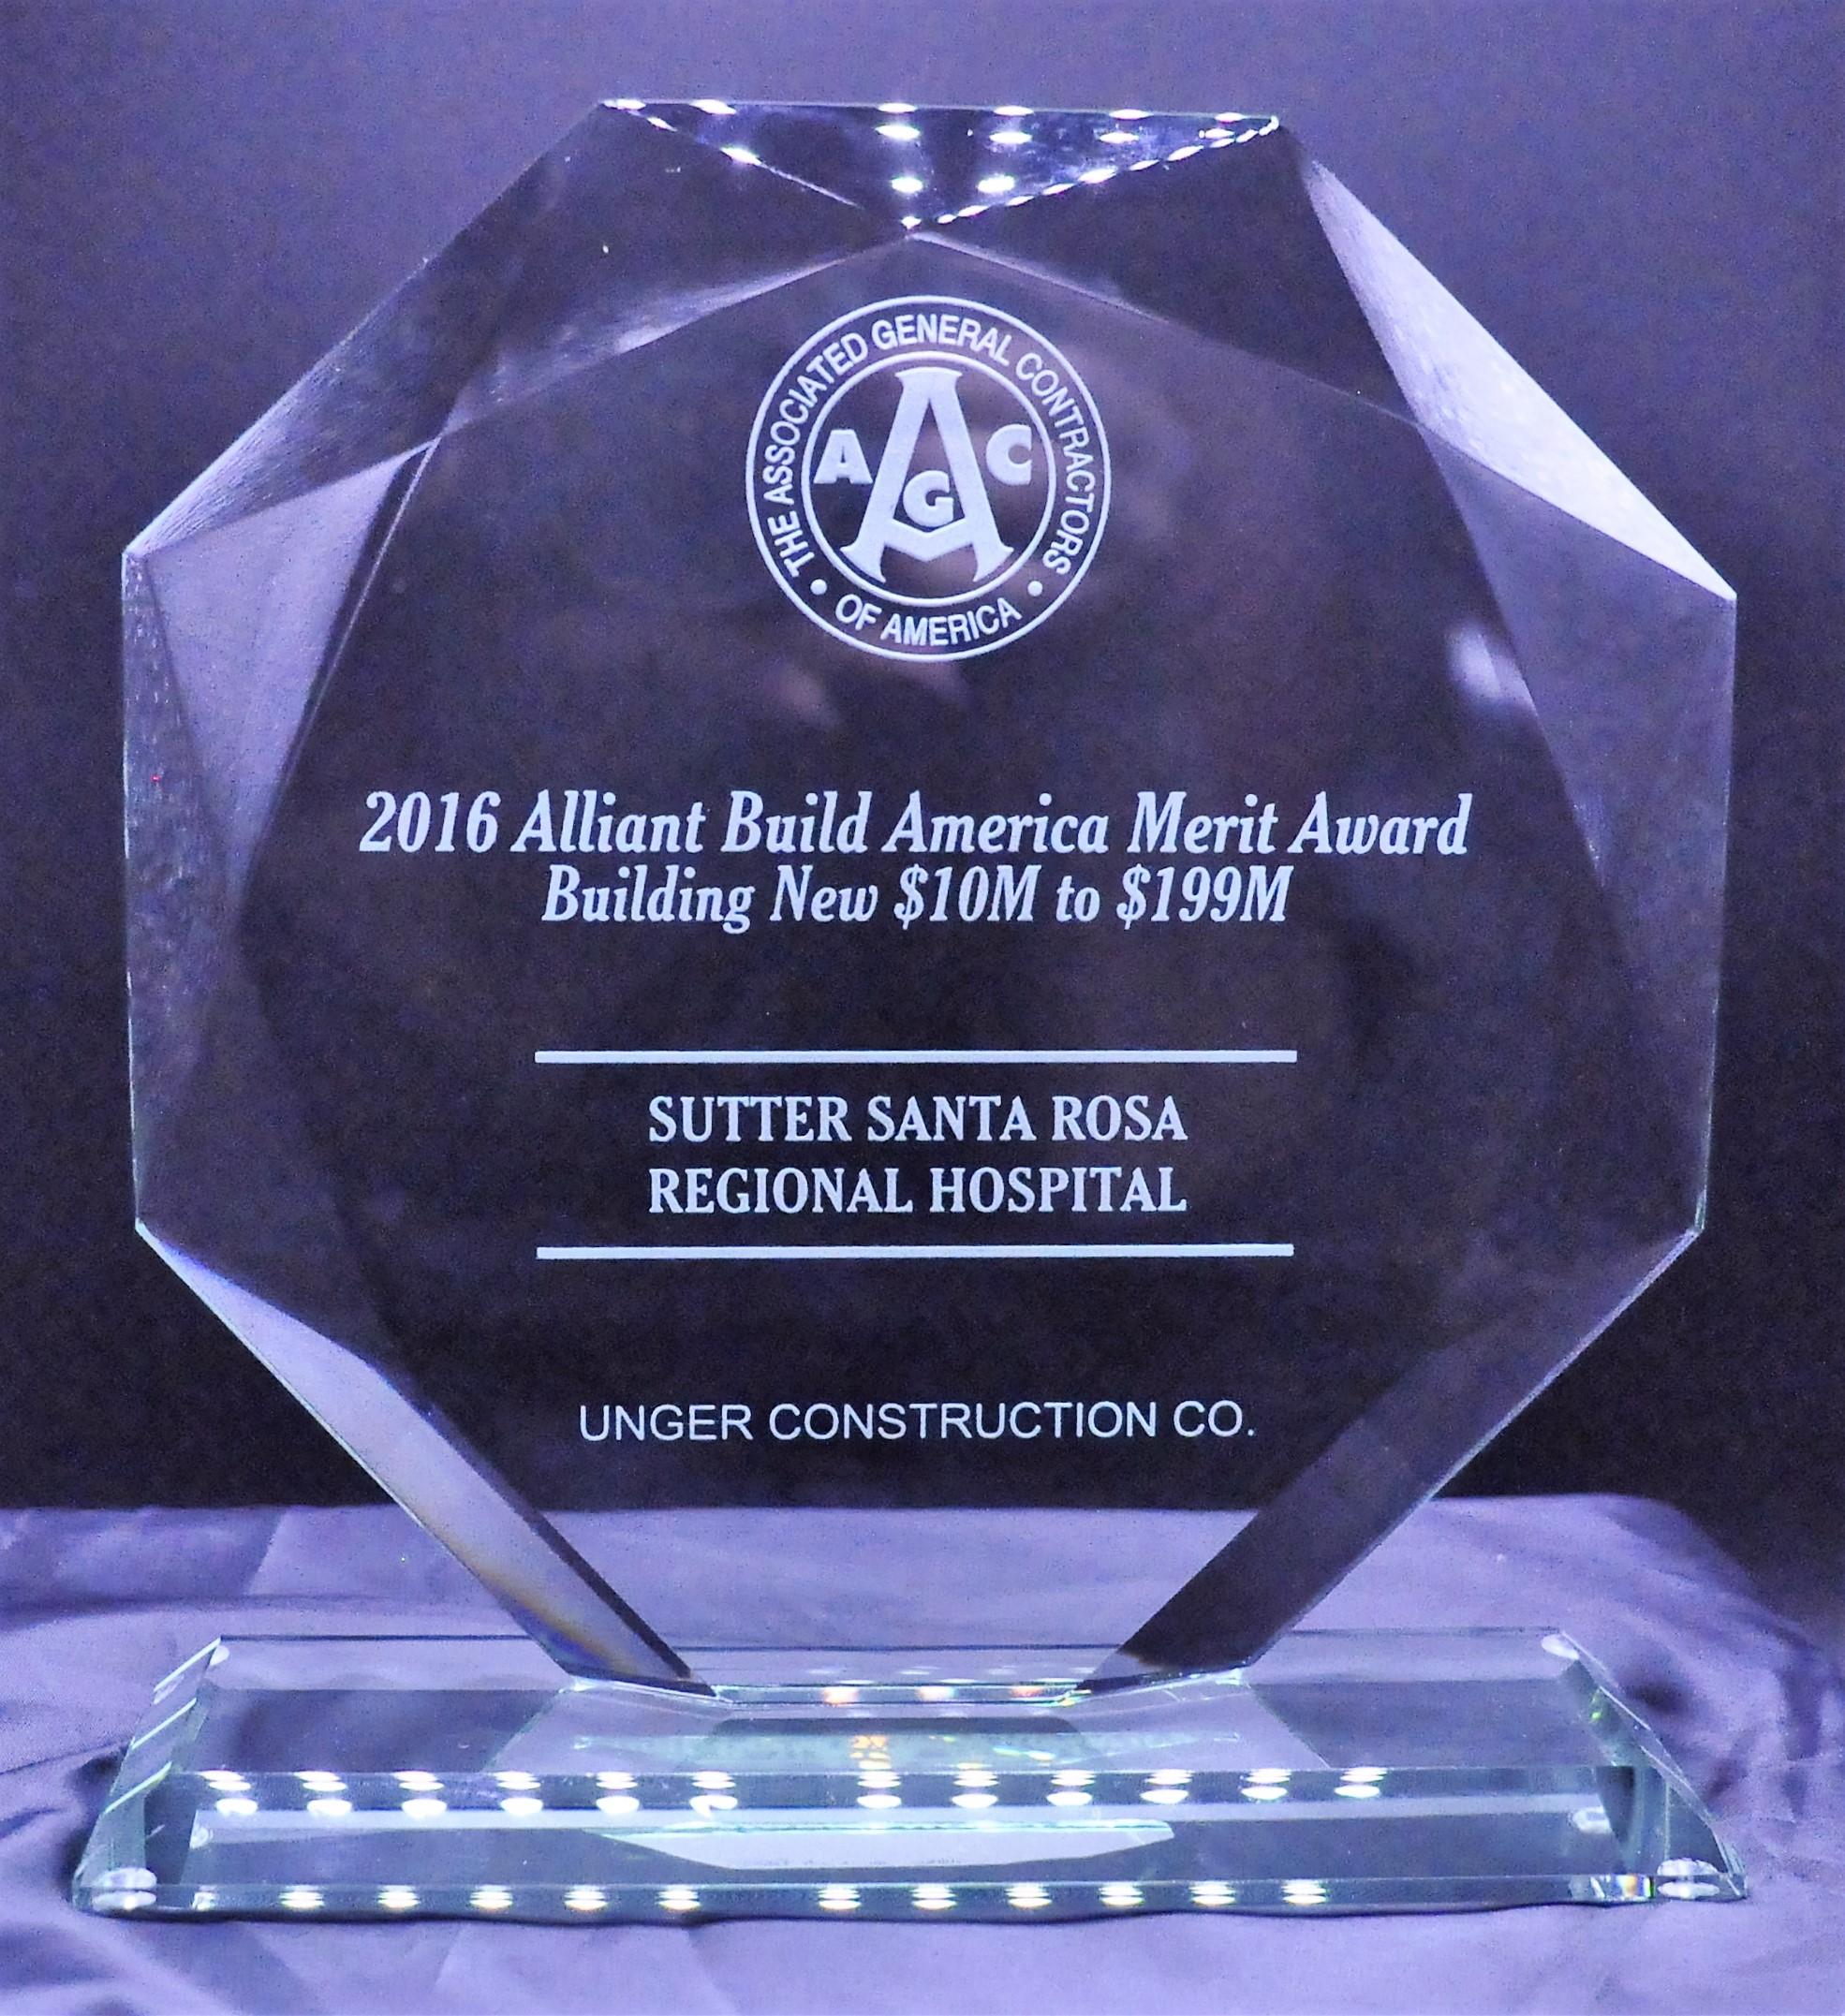 2016 Award for Sutter Santa Rosa